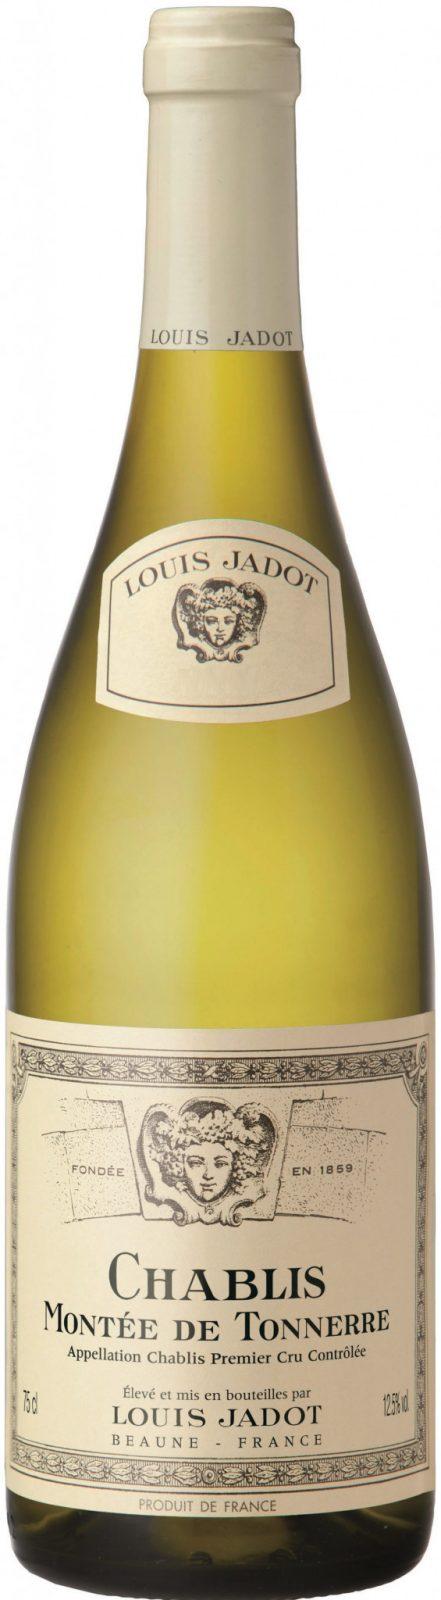 Louis Jadot Chablis Montée de Tonnerre - wineaffair